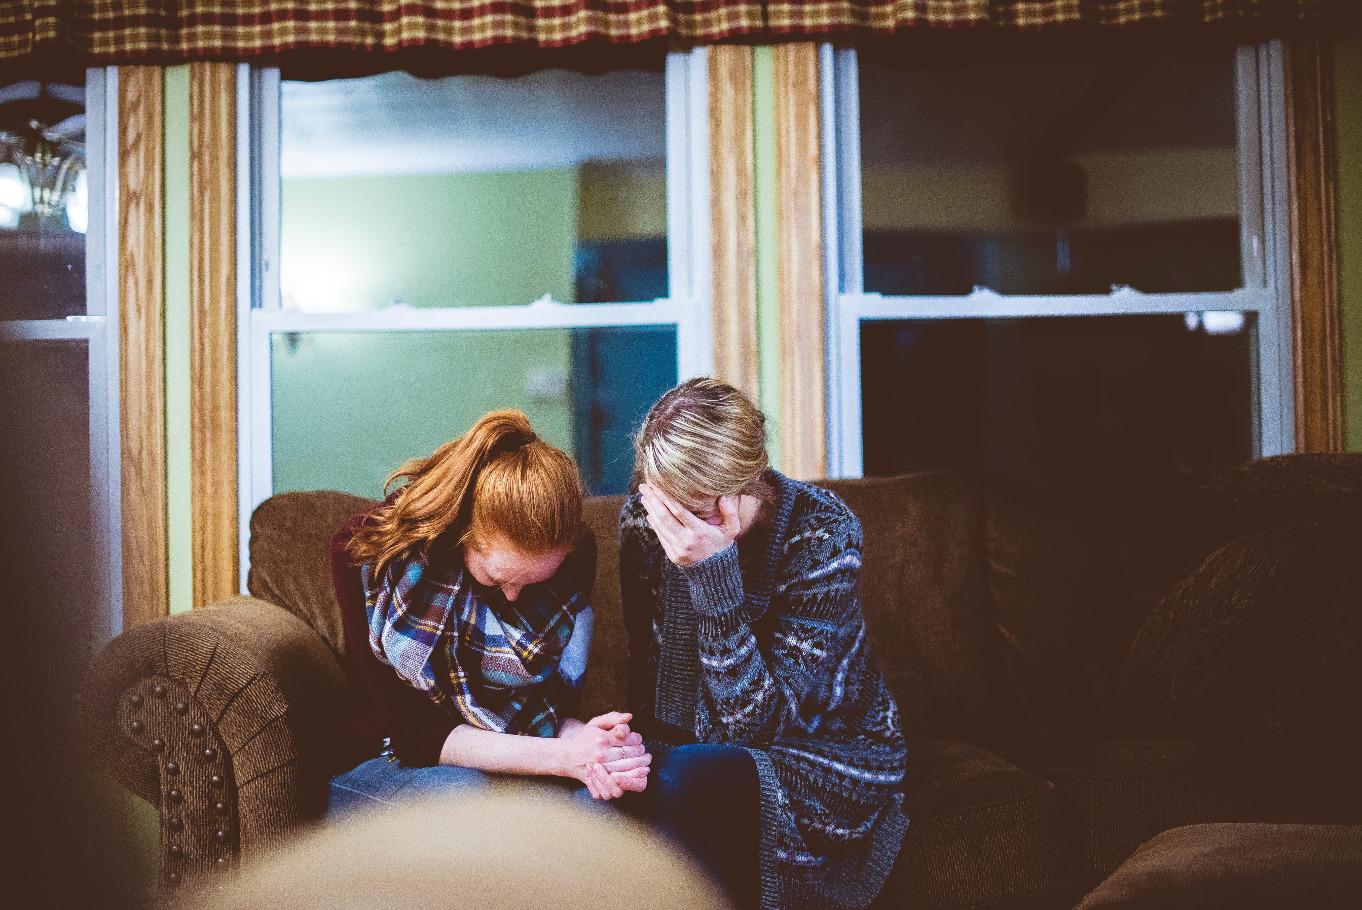 家族がうつ病っぽい…どう対応すべき?誰に相談したらいいかわからないあなたへ01